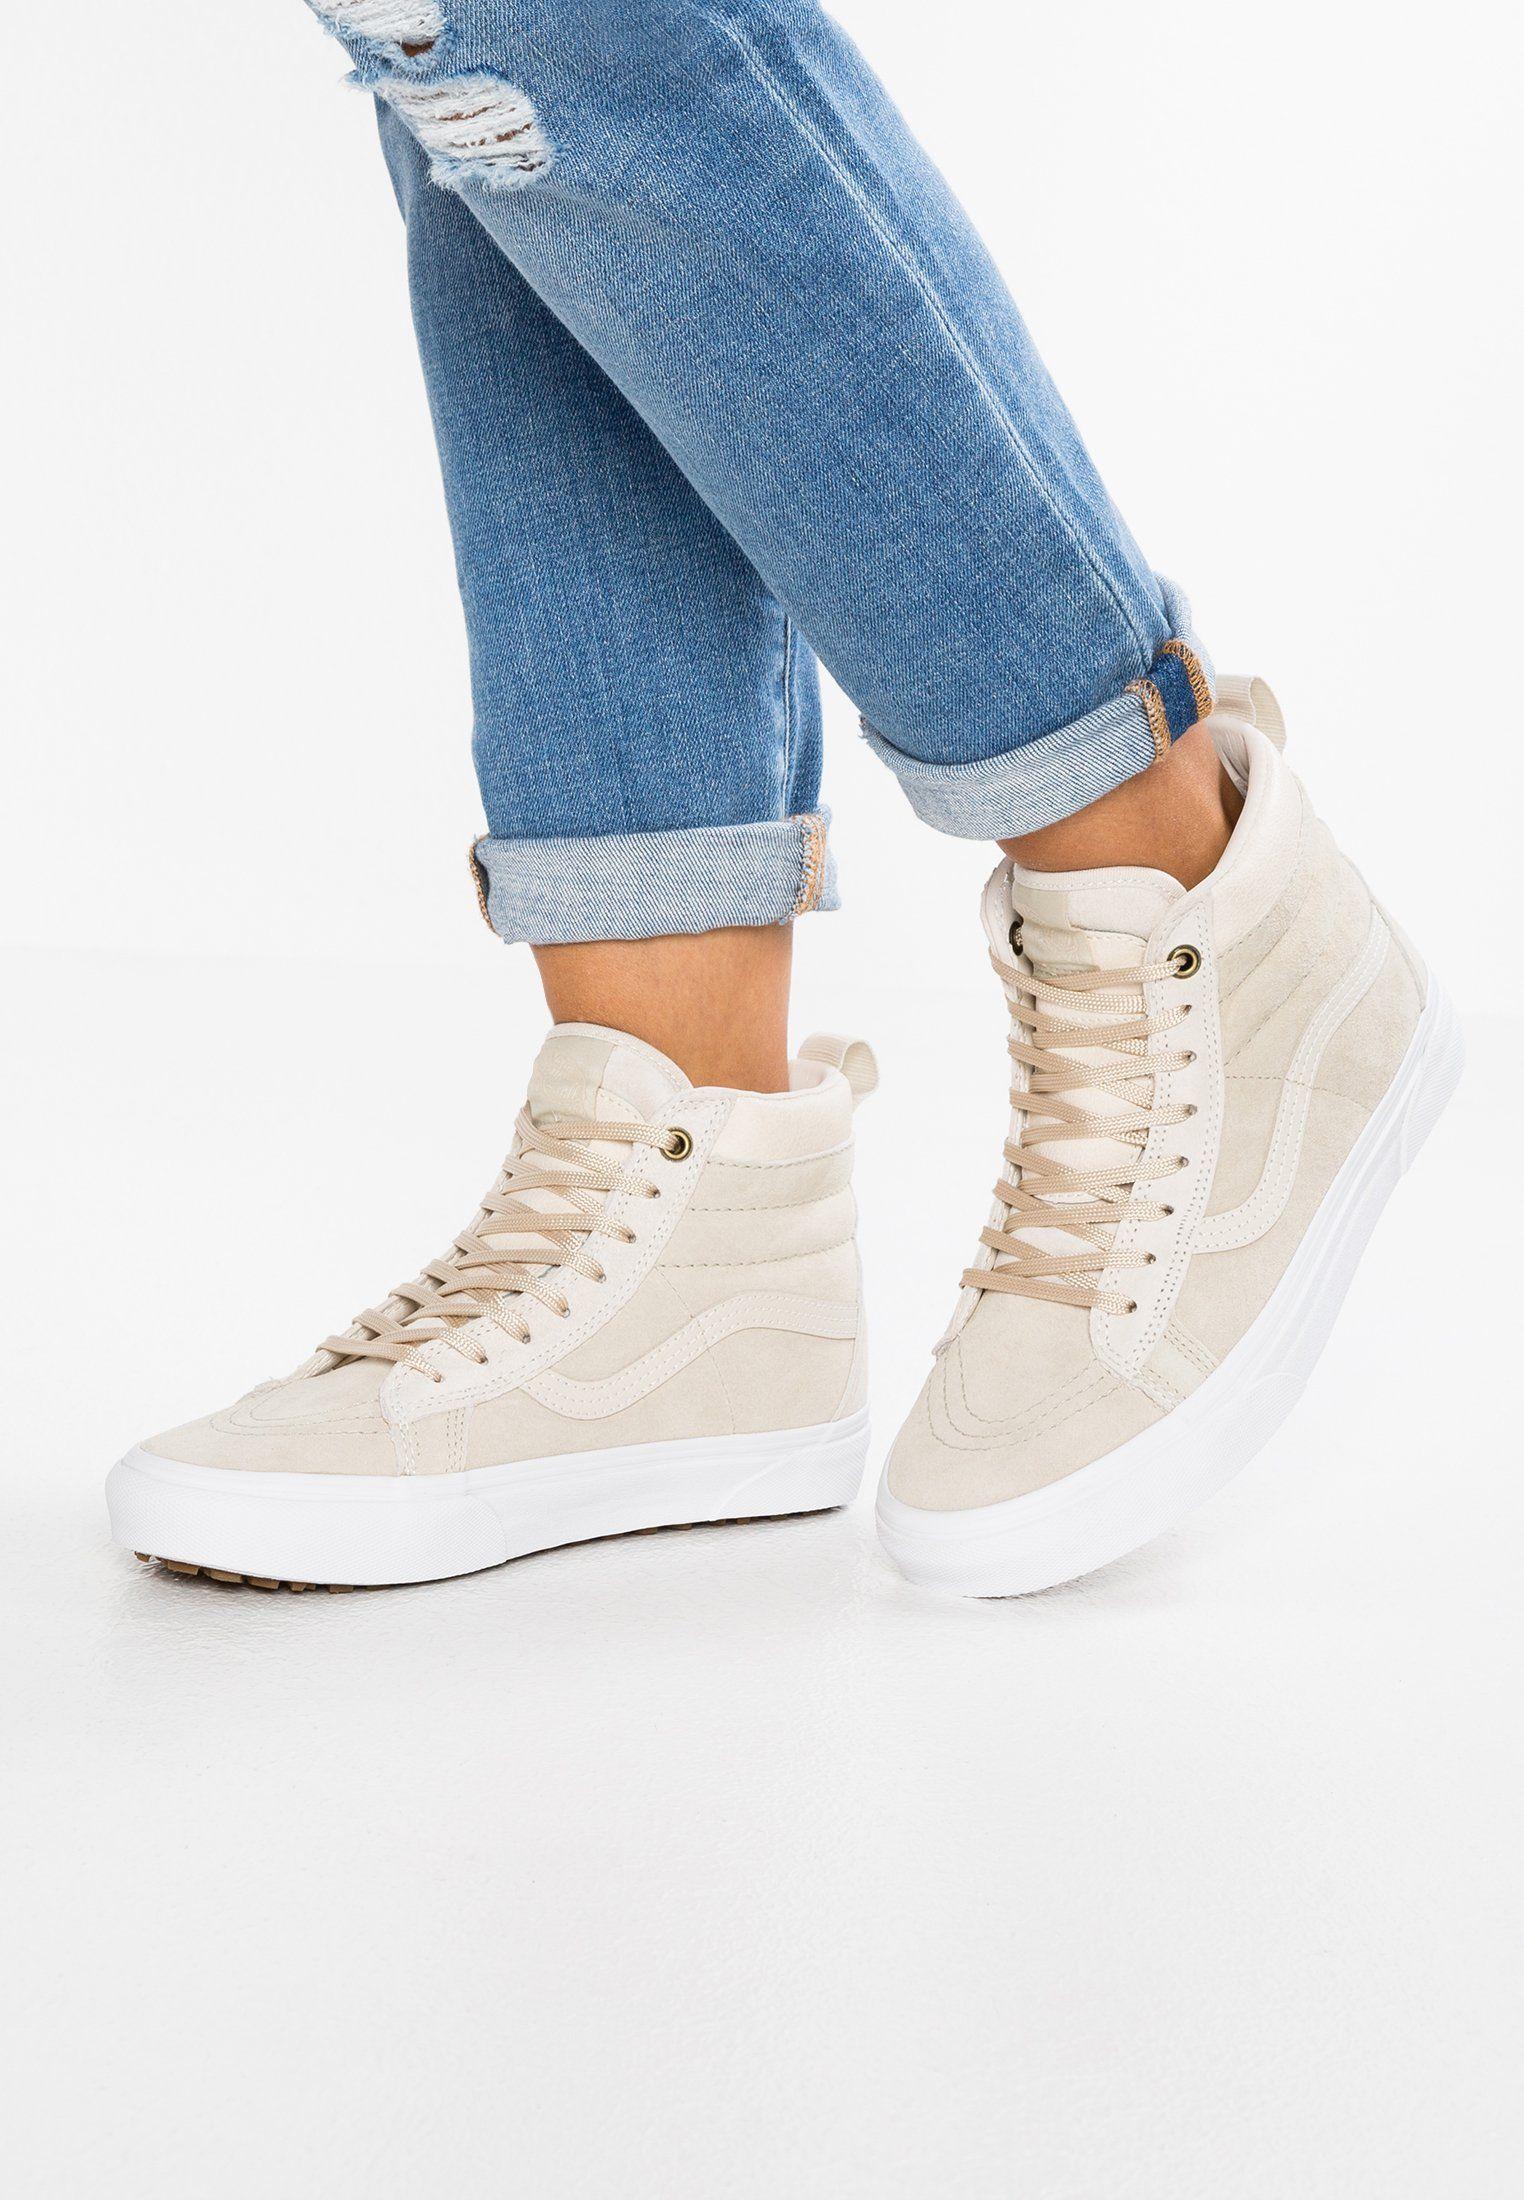 Vans Sk8 Hi Mte High Top Trainers Cement Birch Women Sale Va211s03v B11 Women Shoes Sale Vans Sk8 High Tops